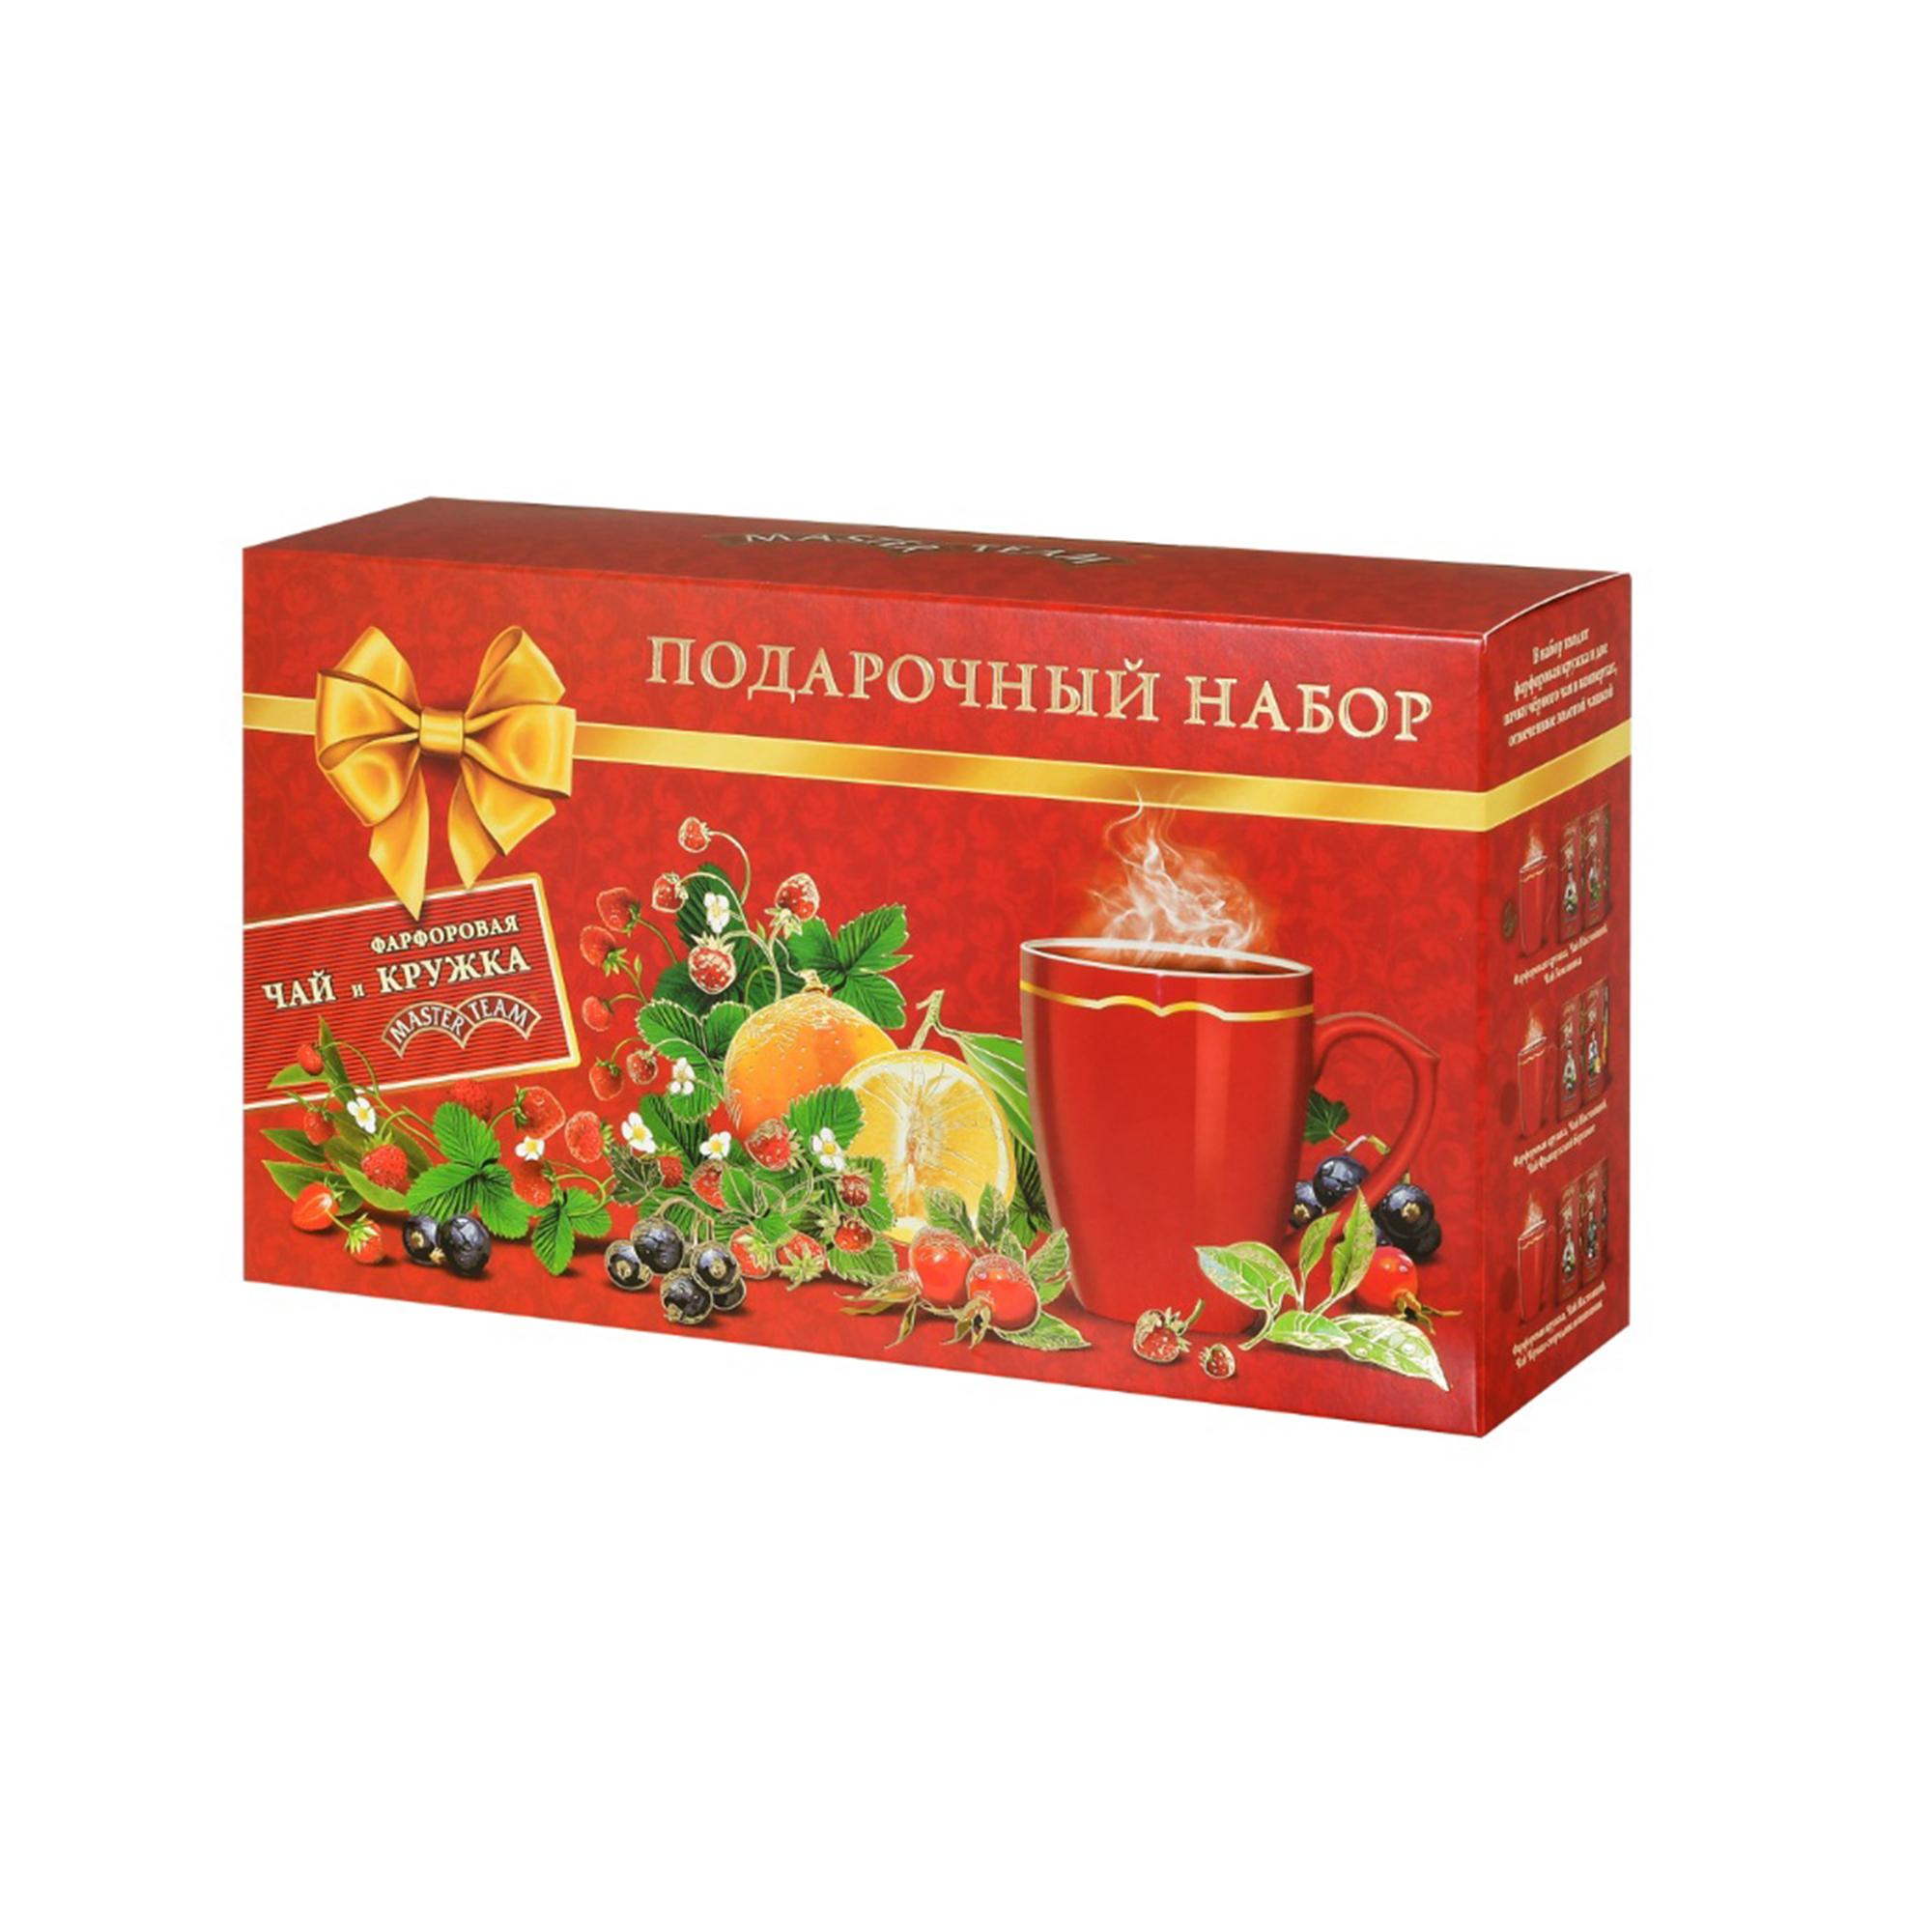 Подарочный набор чая Master Team 25 пакетиков + кружка